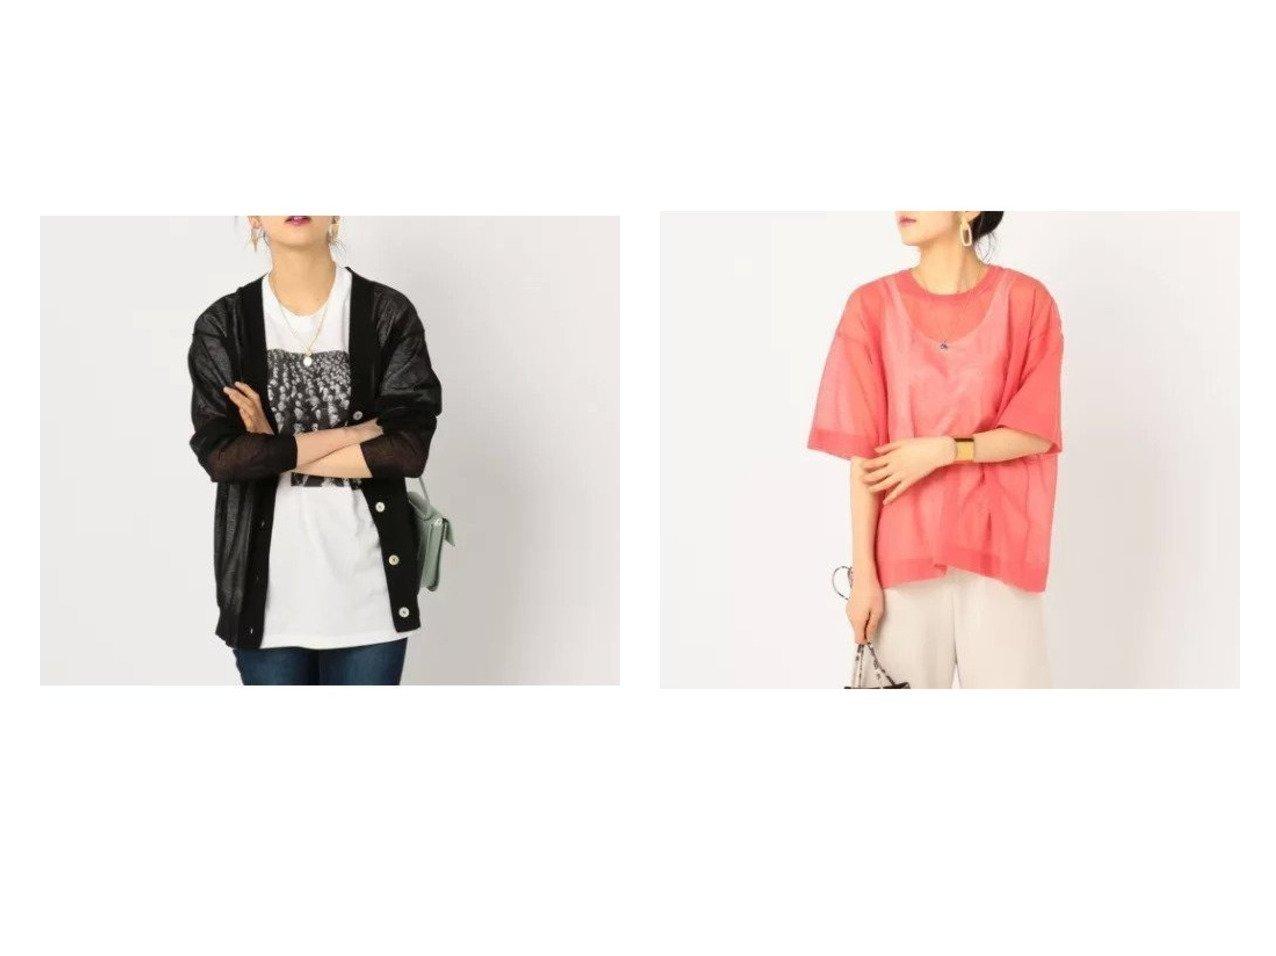 【NOLLEY'S/ノーリーズ】のアロンジェシアーVネックカーディガン&アロンジェシアーニットTシャツ トップス・カットソーのおすすめ!人気、トレンド・レディースファッションの通販 おすすめで人気の流行・トレンド、ファッションの通販商品 メンズファッション・キッズファッション・インテリア・家具・レディースファッション・服の通販 founy(ファニー) https://founy.com/ ファッション Fashion レディースファッション WOMEN トップス カットソー Tops Tshirt カーディガン Cardigans Vネック V-Neck ニット Knit Tops シャツ/ブラウス Shirts Blouses ロング / Tシャツ T-Shirts おすすめ Recommend アンサンブル カーディガン シアー プリント 長袖 インナー セーター 半袖  ID:crp329100000024199